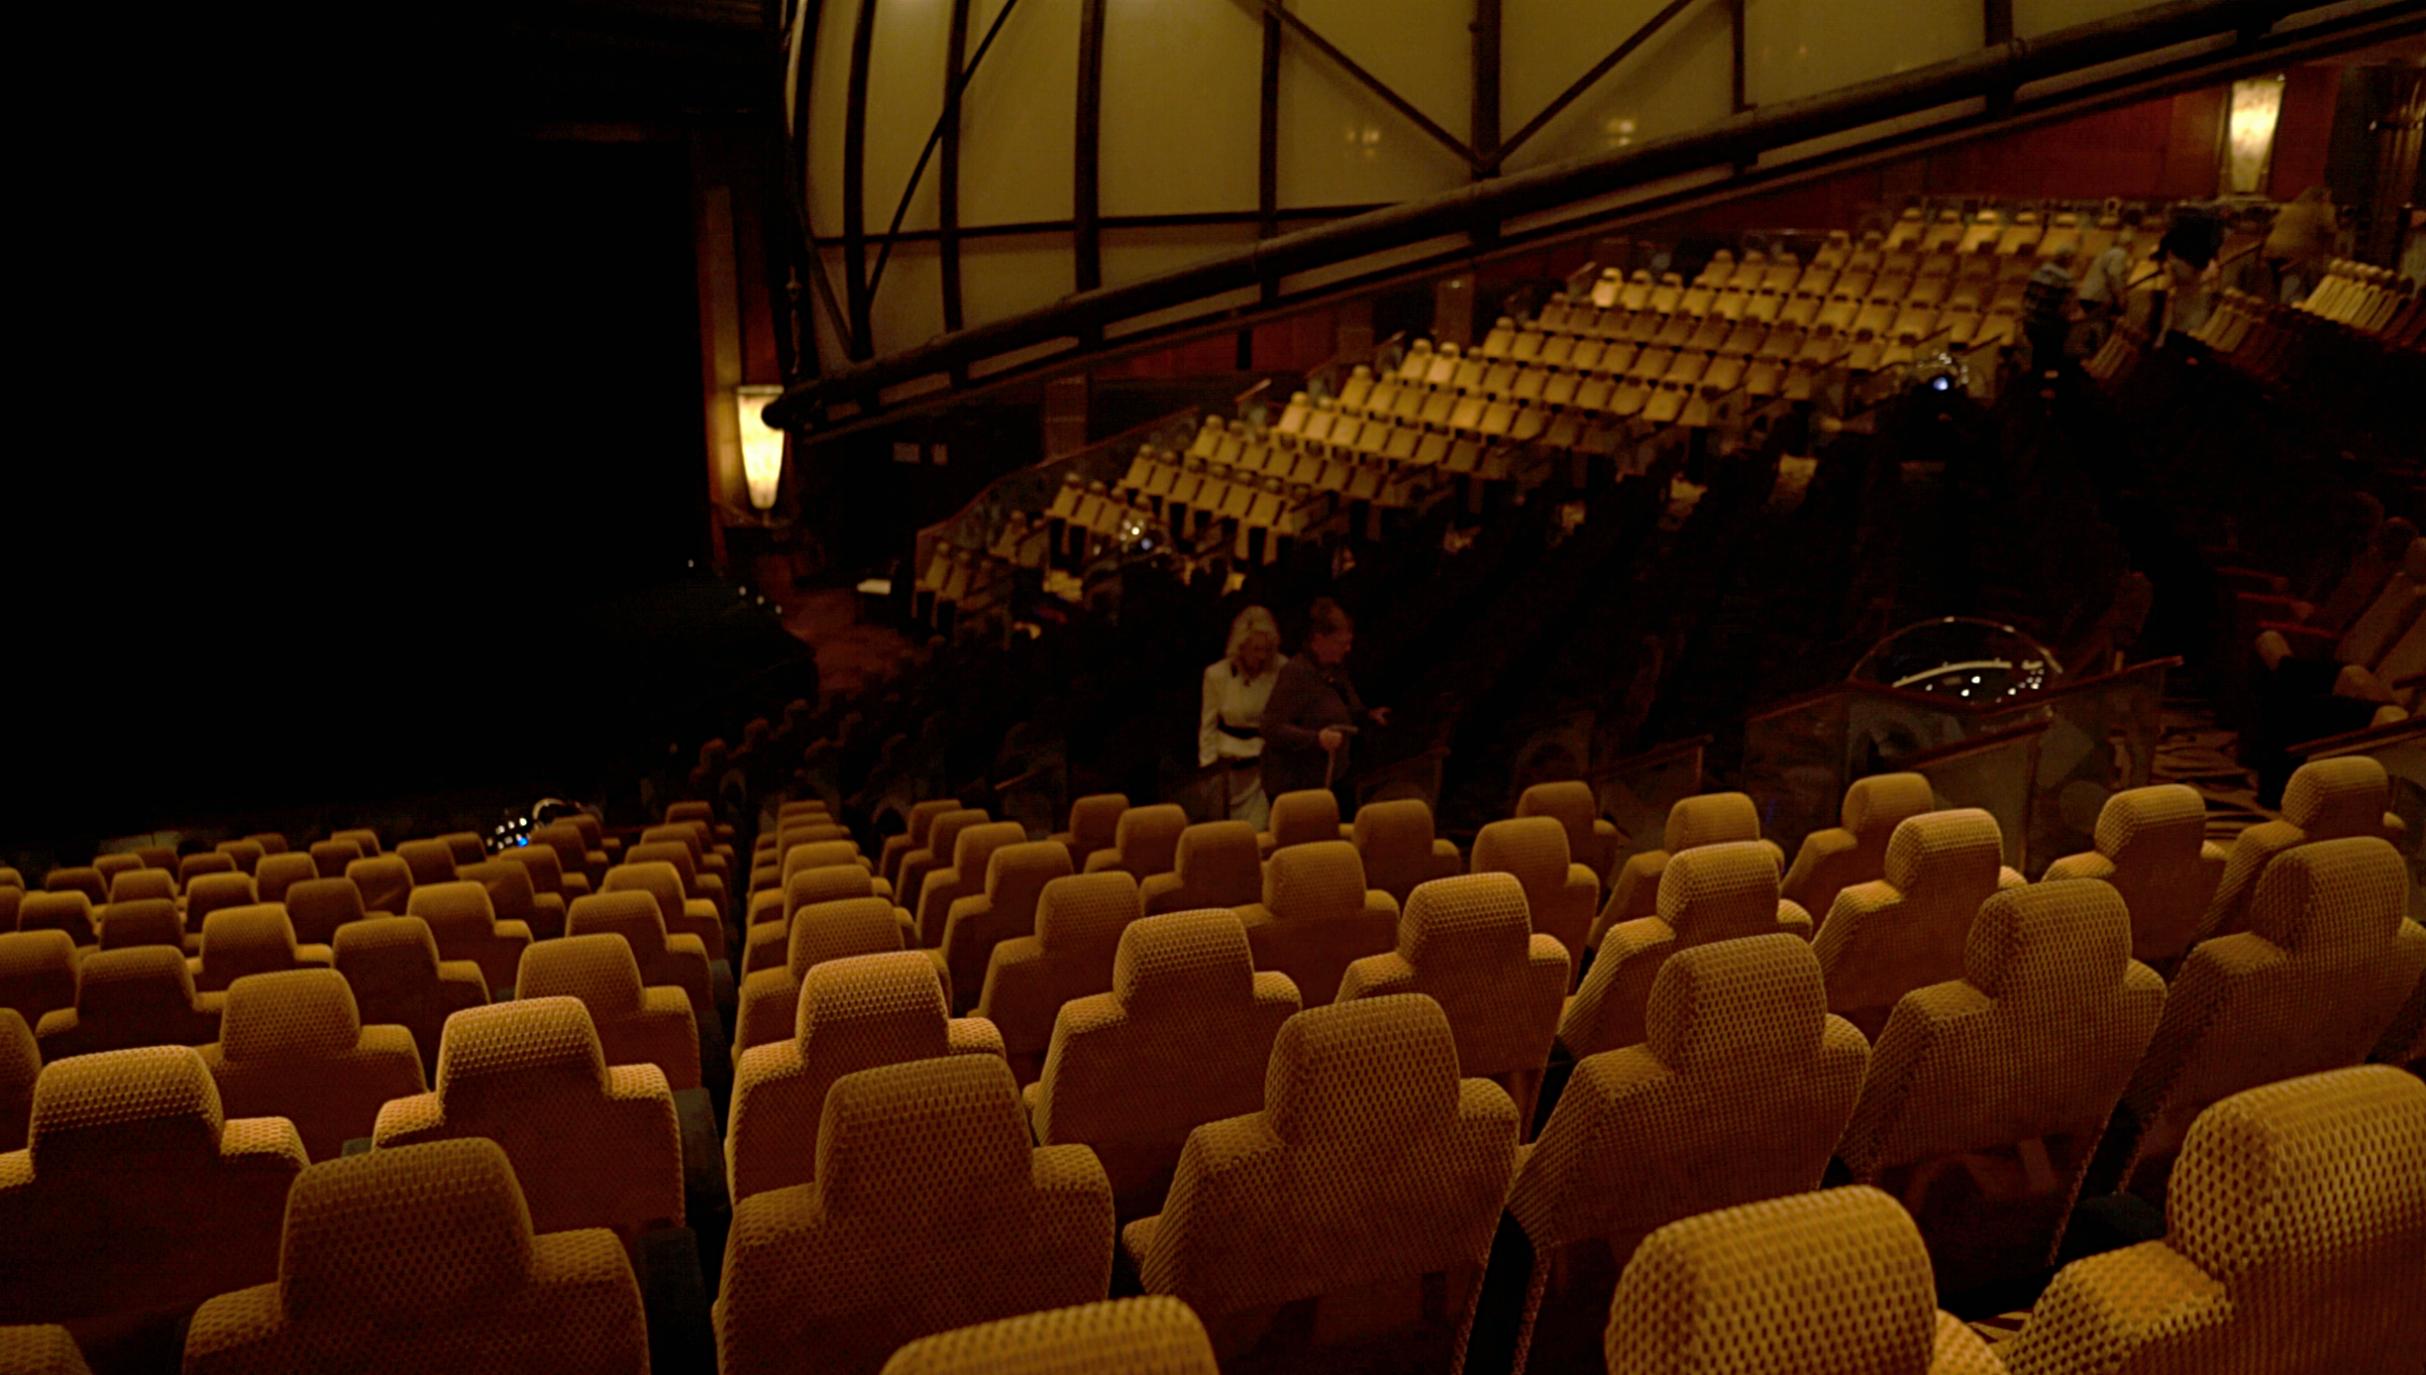 Theatre seating & Planetarium.